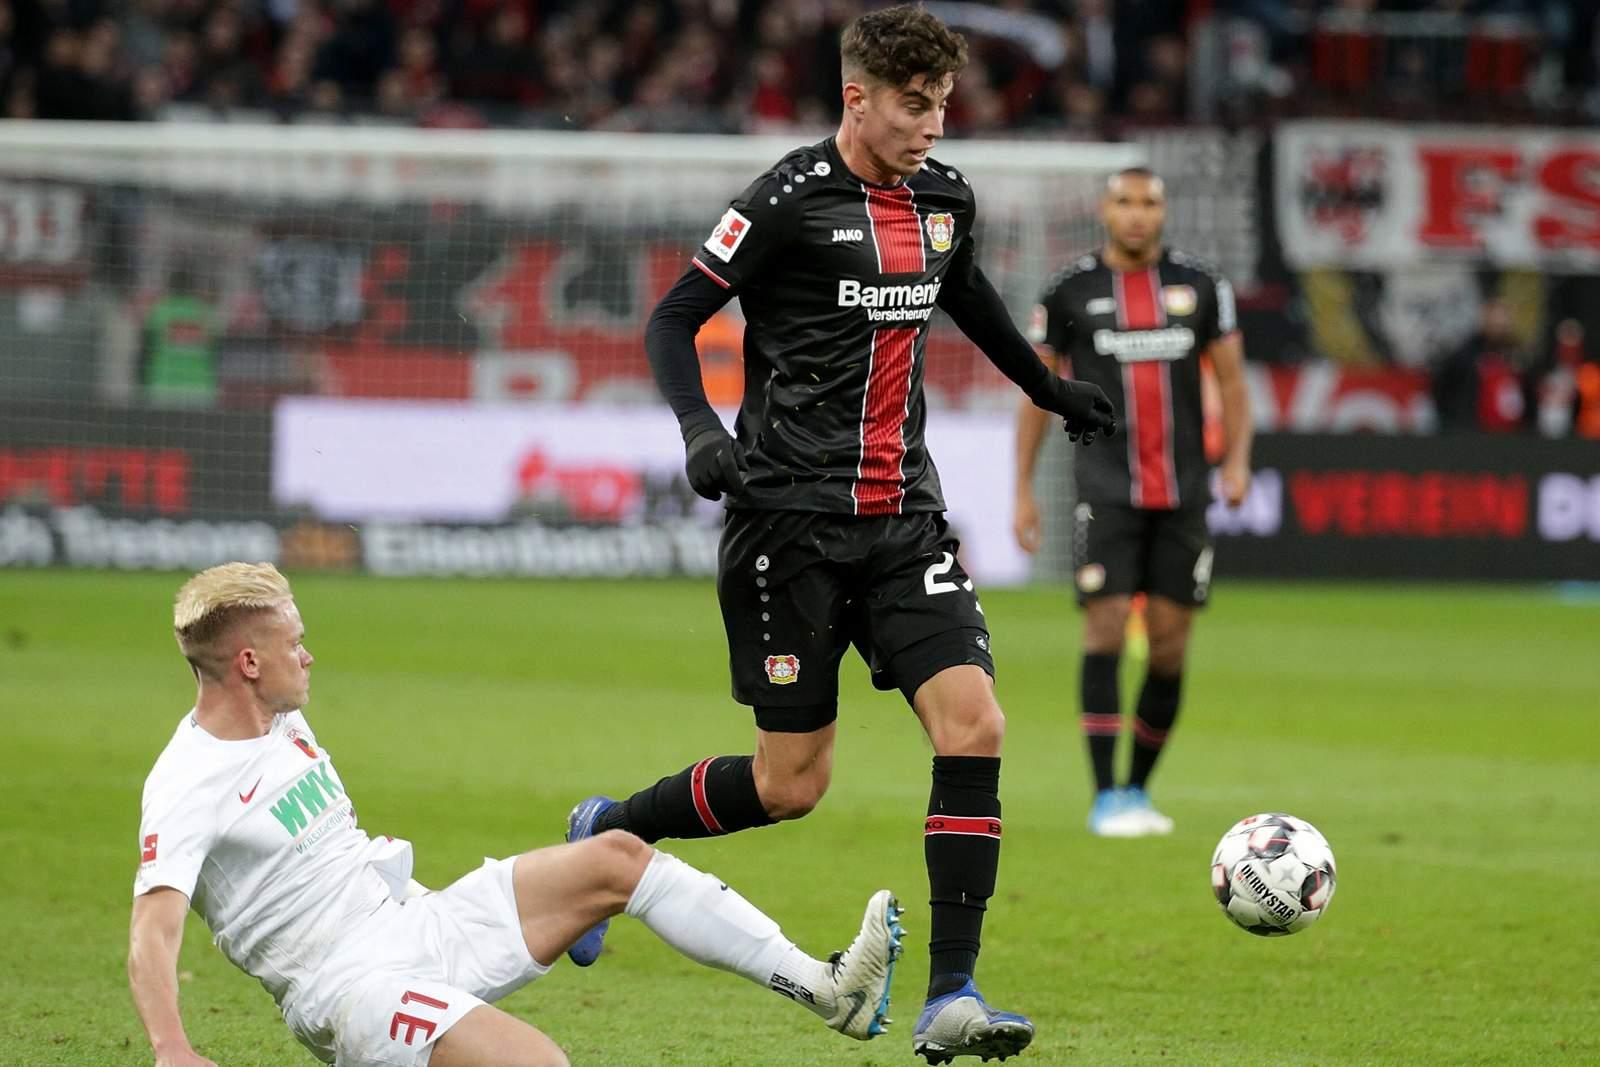 Setzt sich Havertz gegen Max durch? Jetzt auf Augsburg gegen Leverkusen wetten